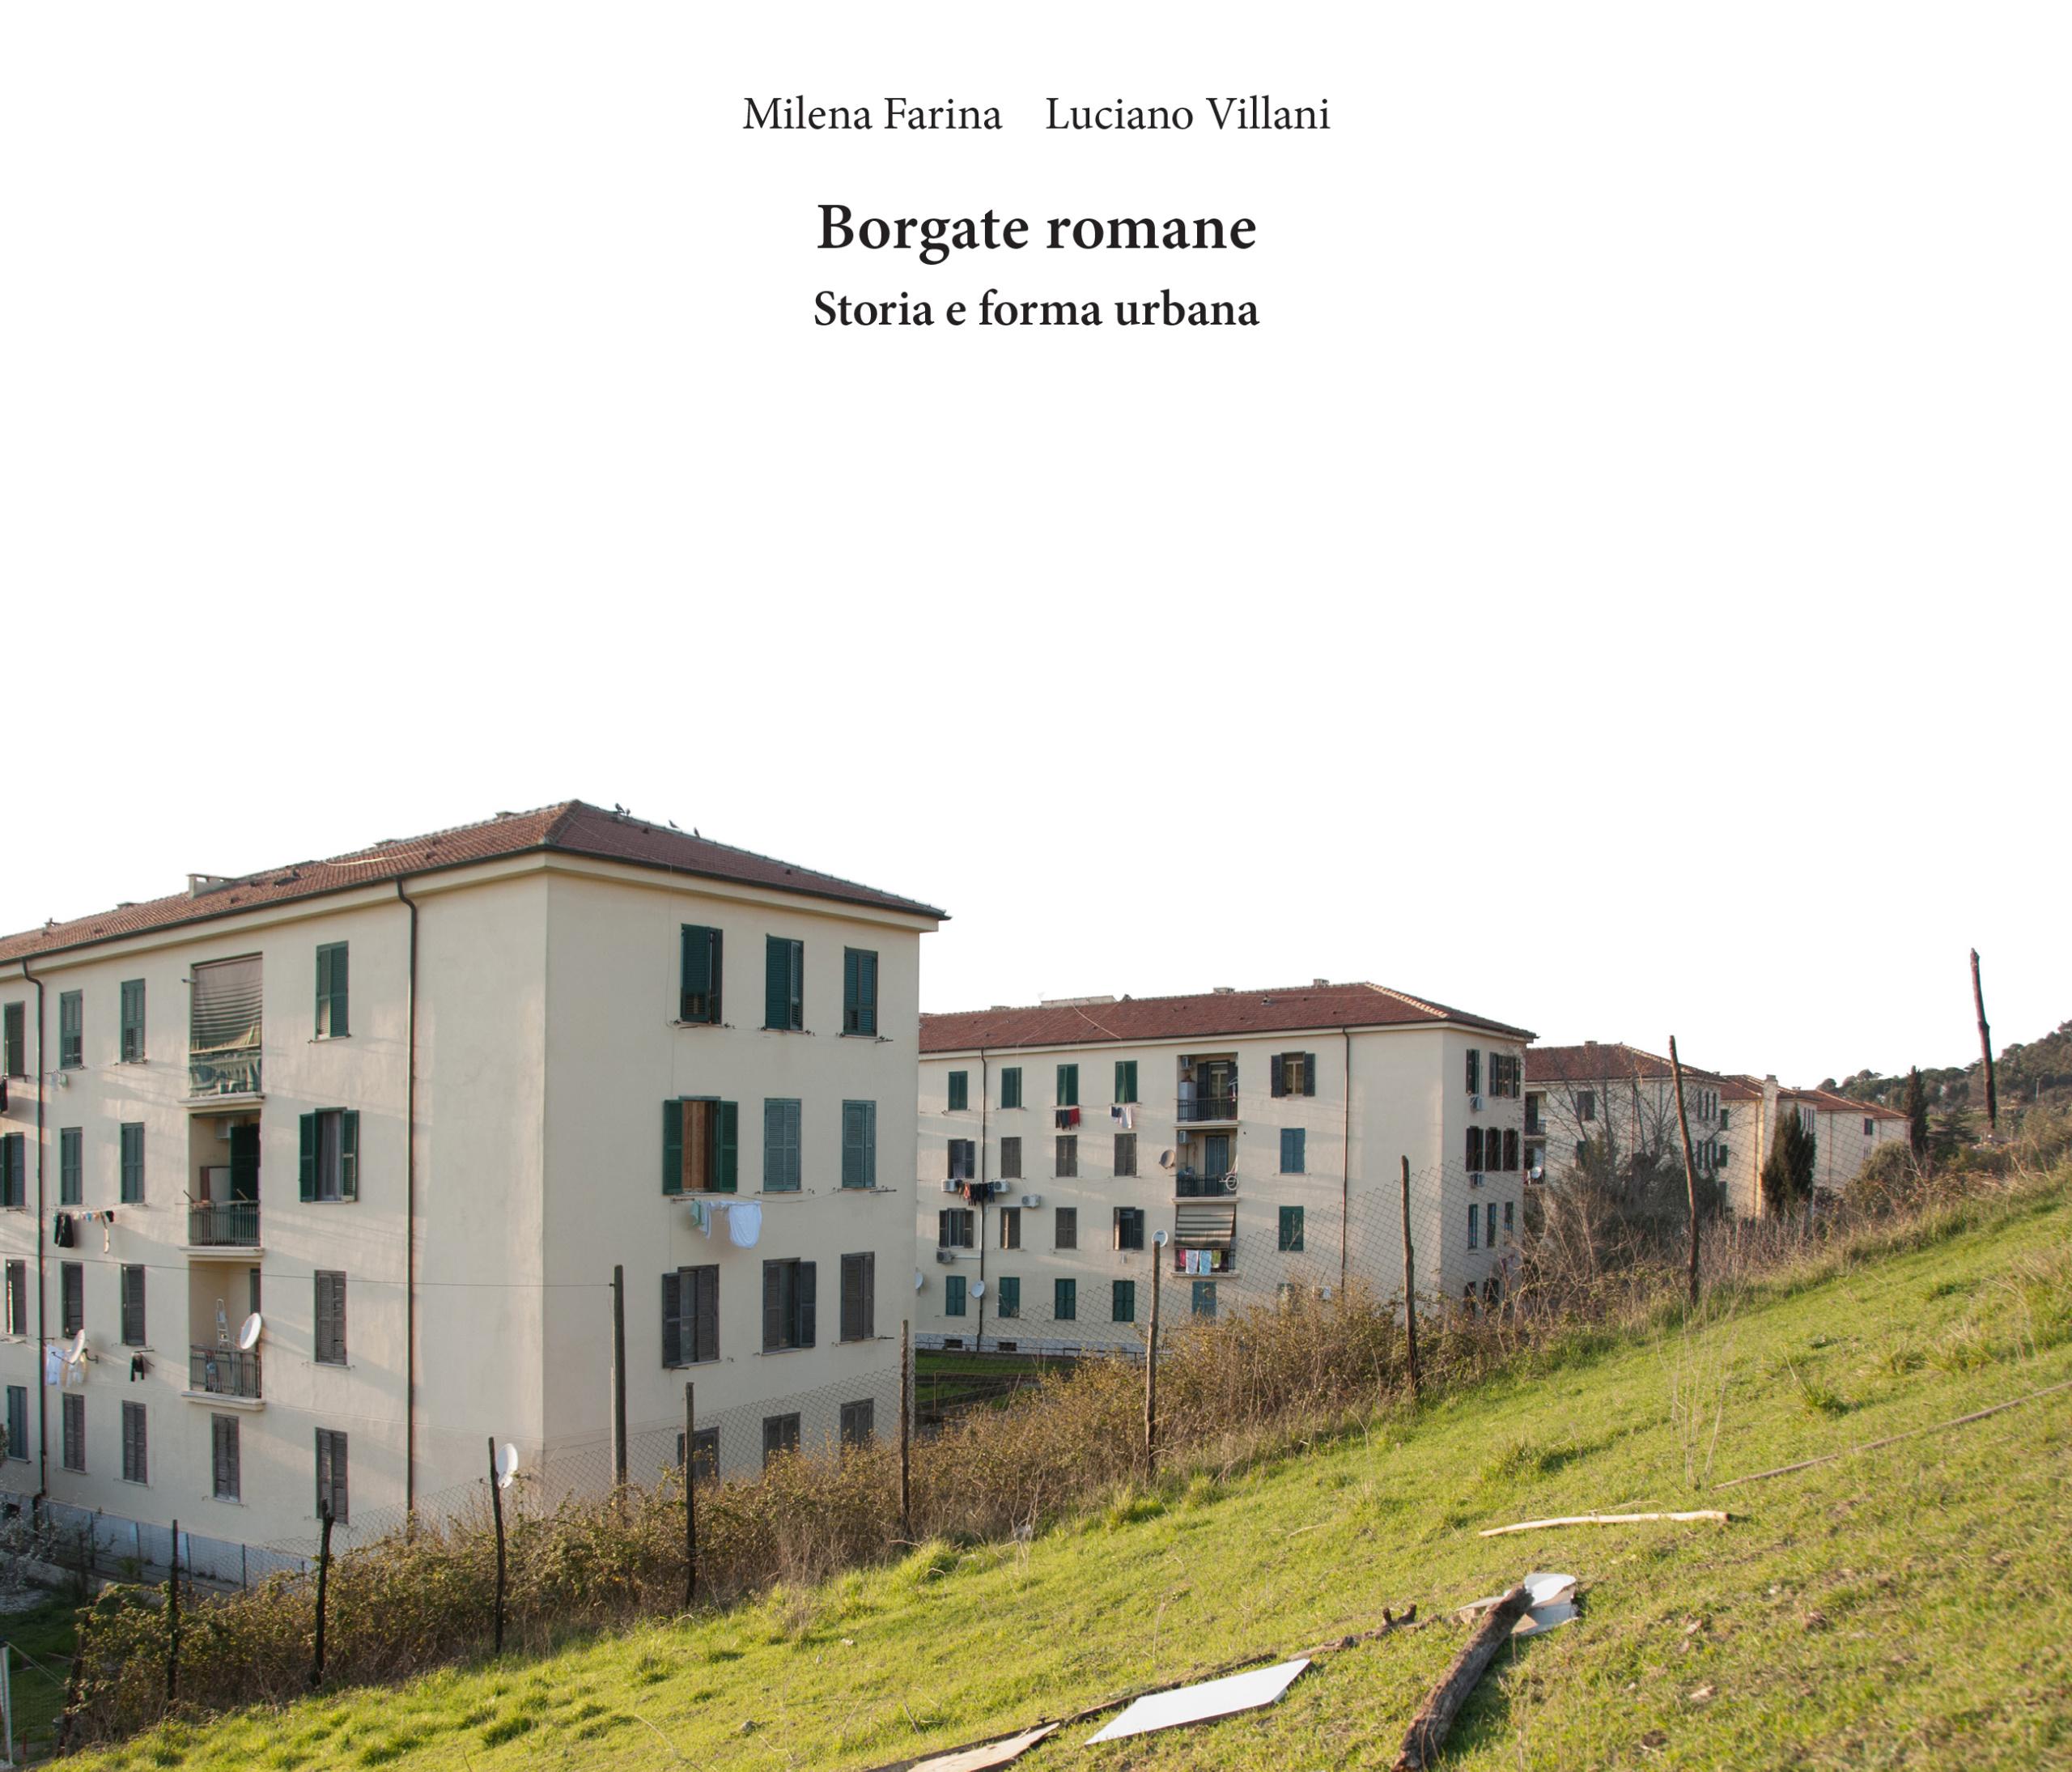 Milena Farina, Luciano Villani, Borgate romane. Storia e forma urbana, Libria, Melfi 2017